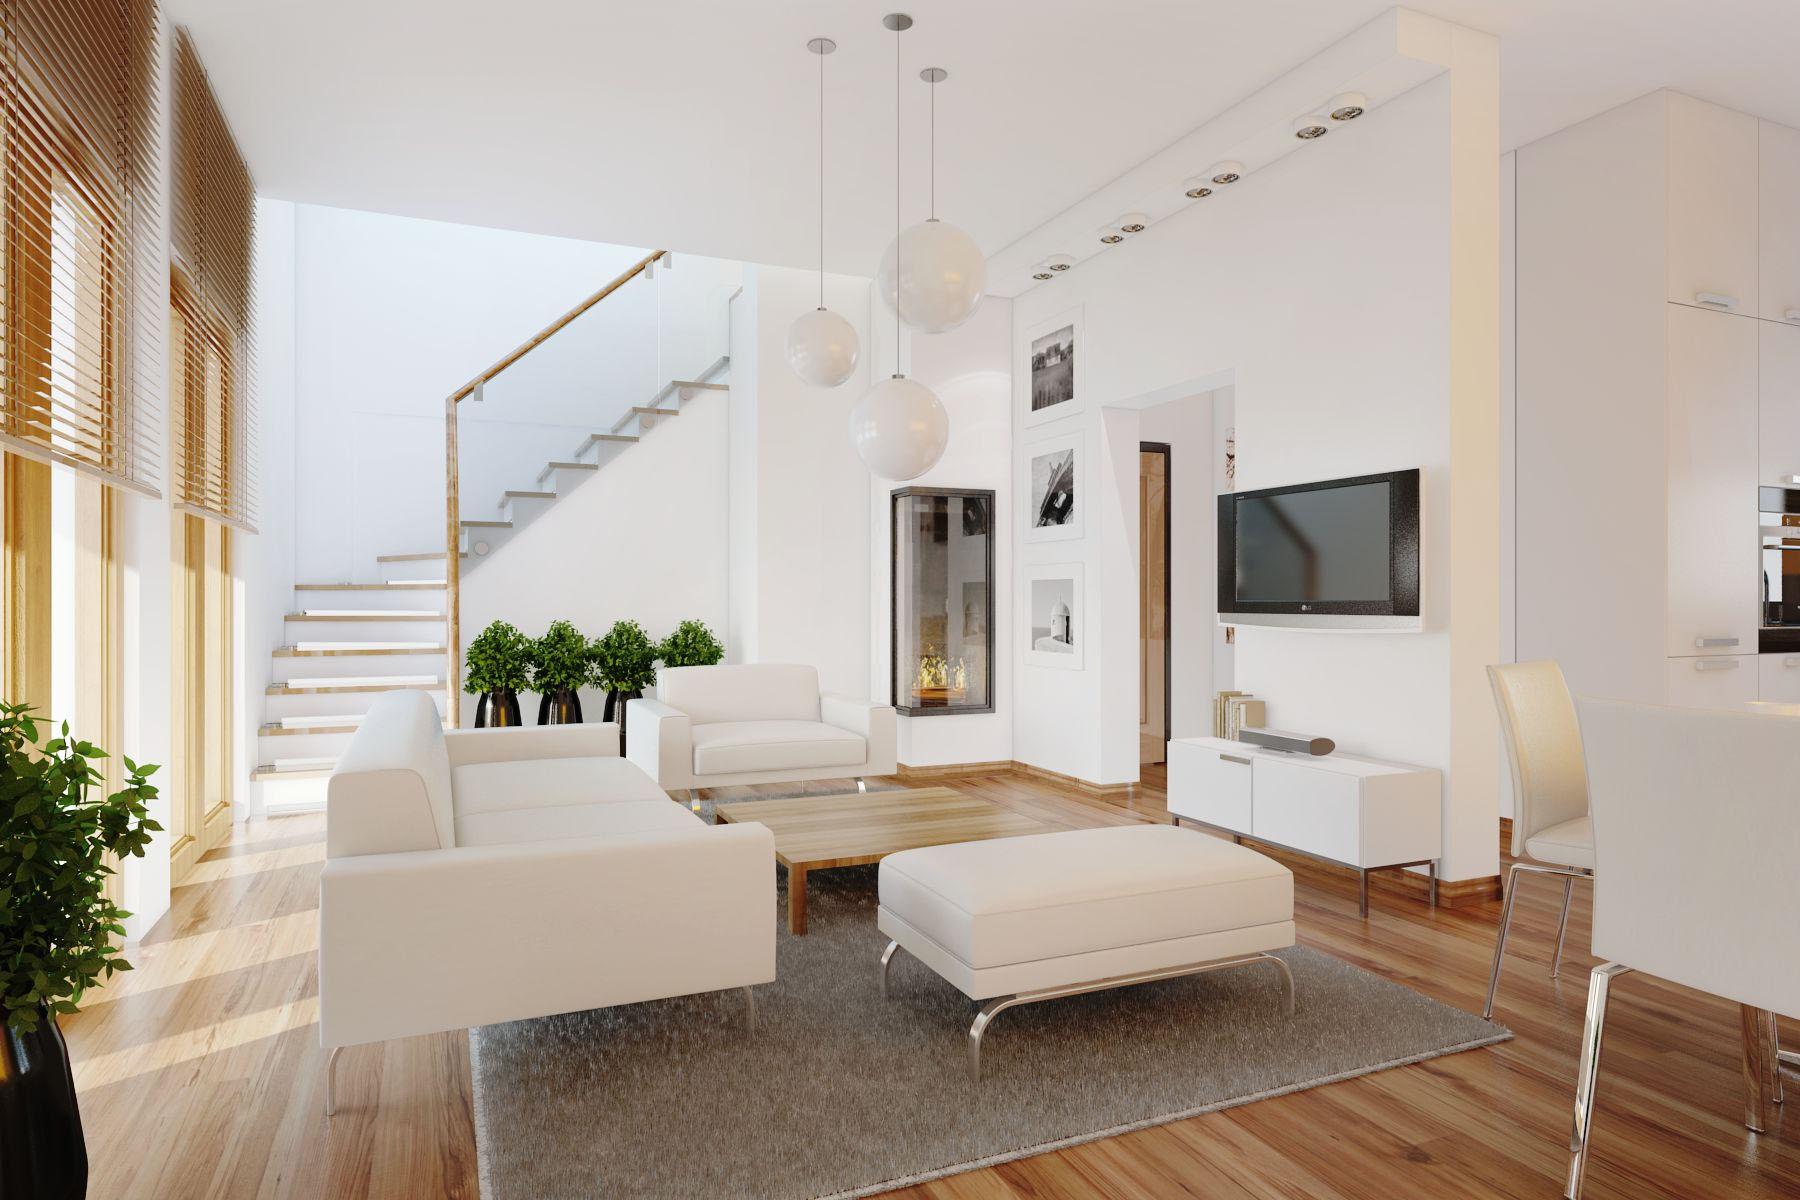 View In Gallery Contoh Hiasan Dalaman Ruang Tamu Minimalis Rumah Teres 2 Tingkat